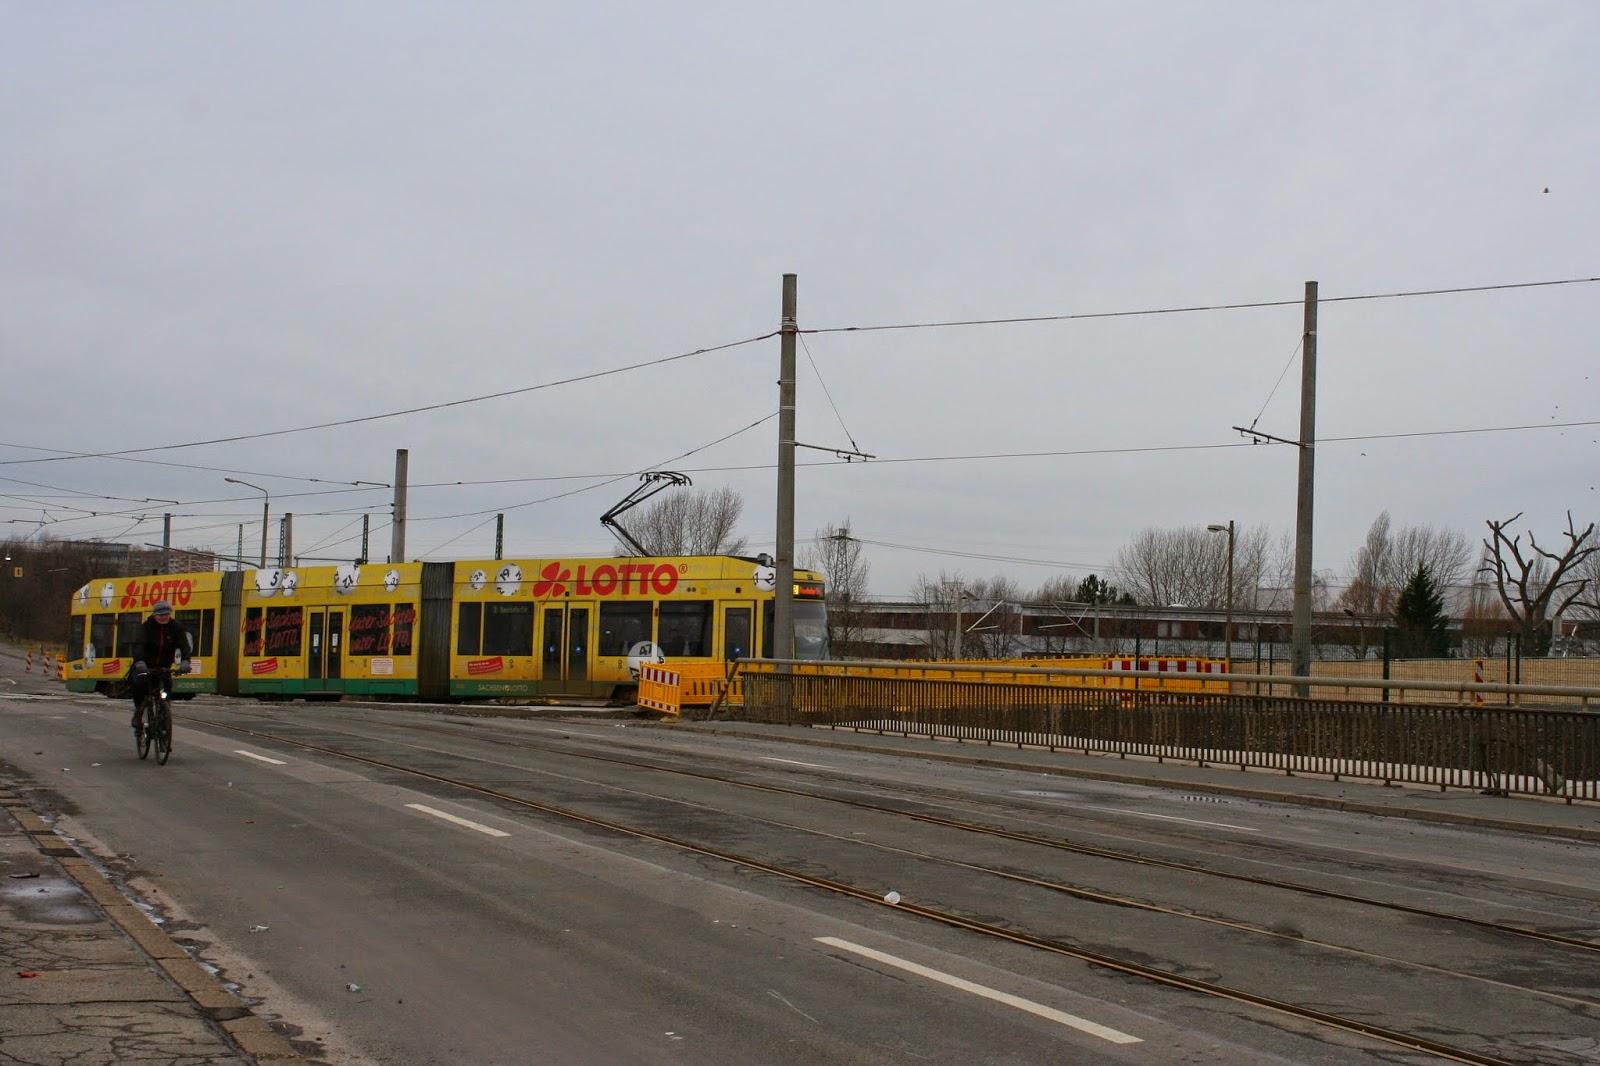 Antonienbrücke 03.01.2015 - seit geraumer Zeit fährt auch die LVB Tram über die Behelfsbrücke